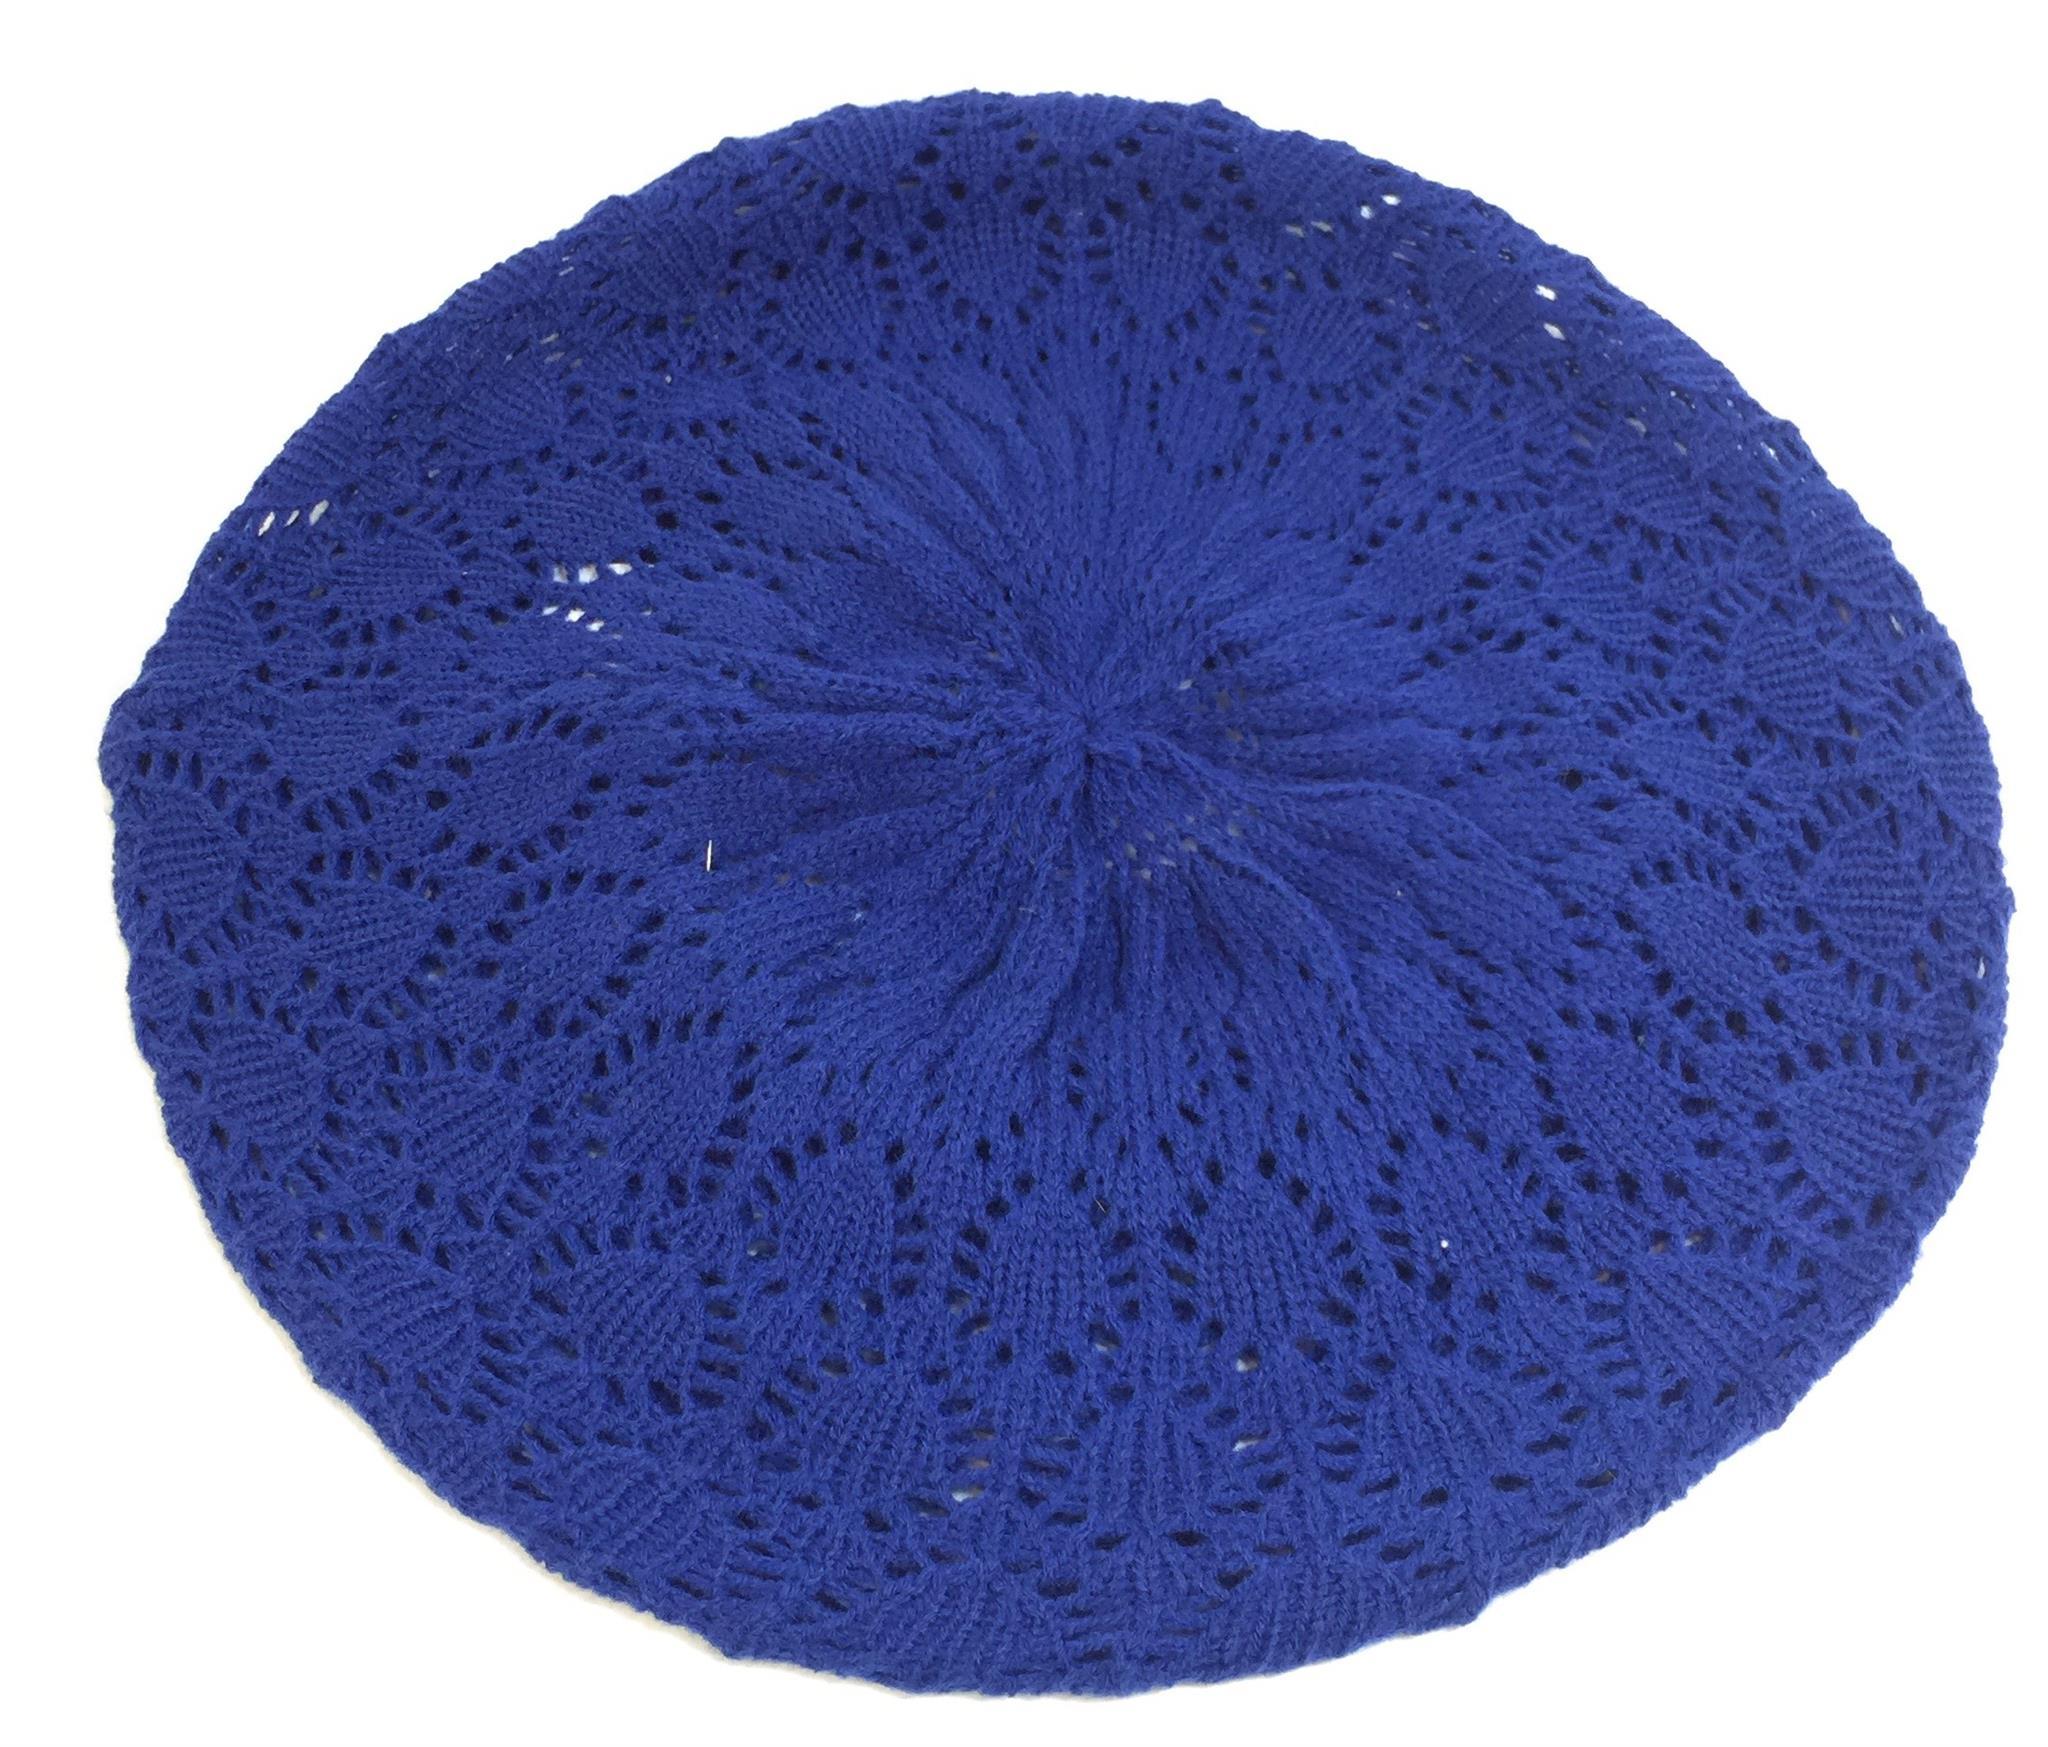 Blue Knit Macrame Knit Beret